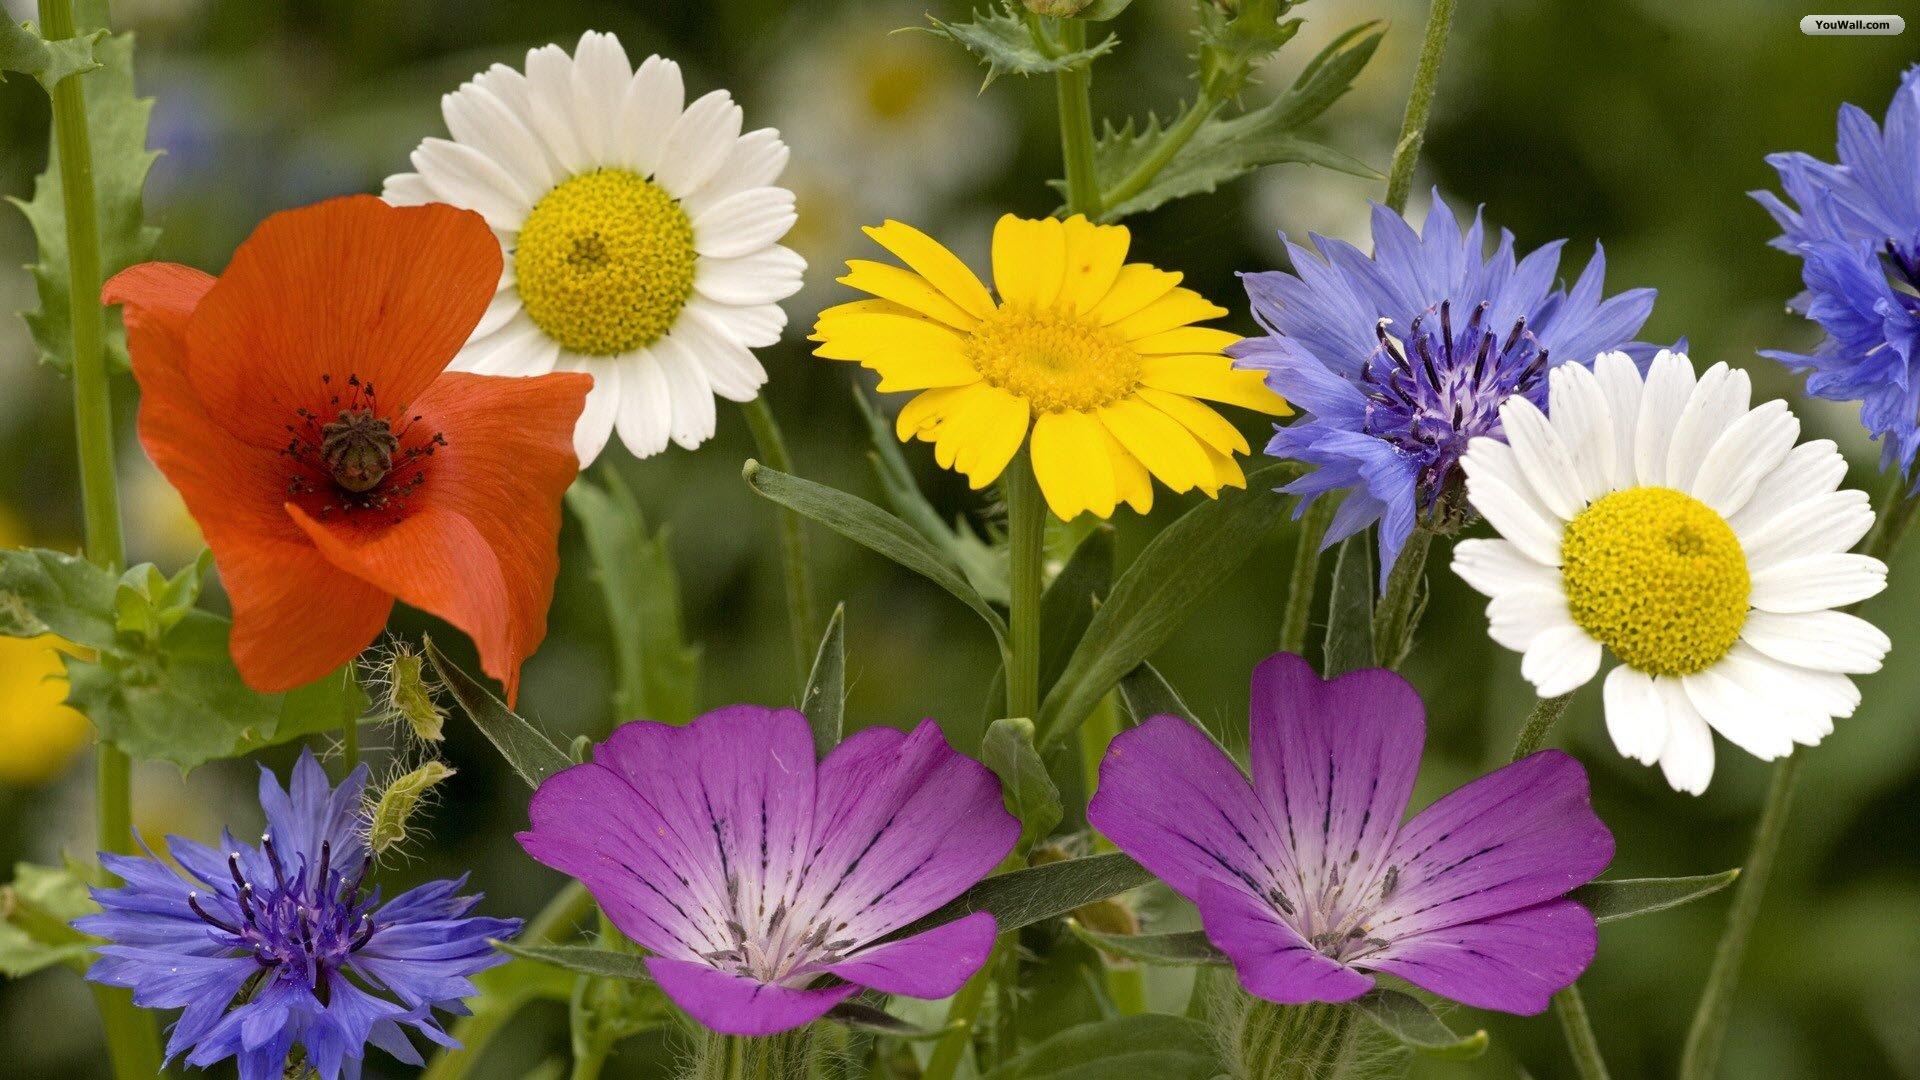 Springtime pictures for desktop